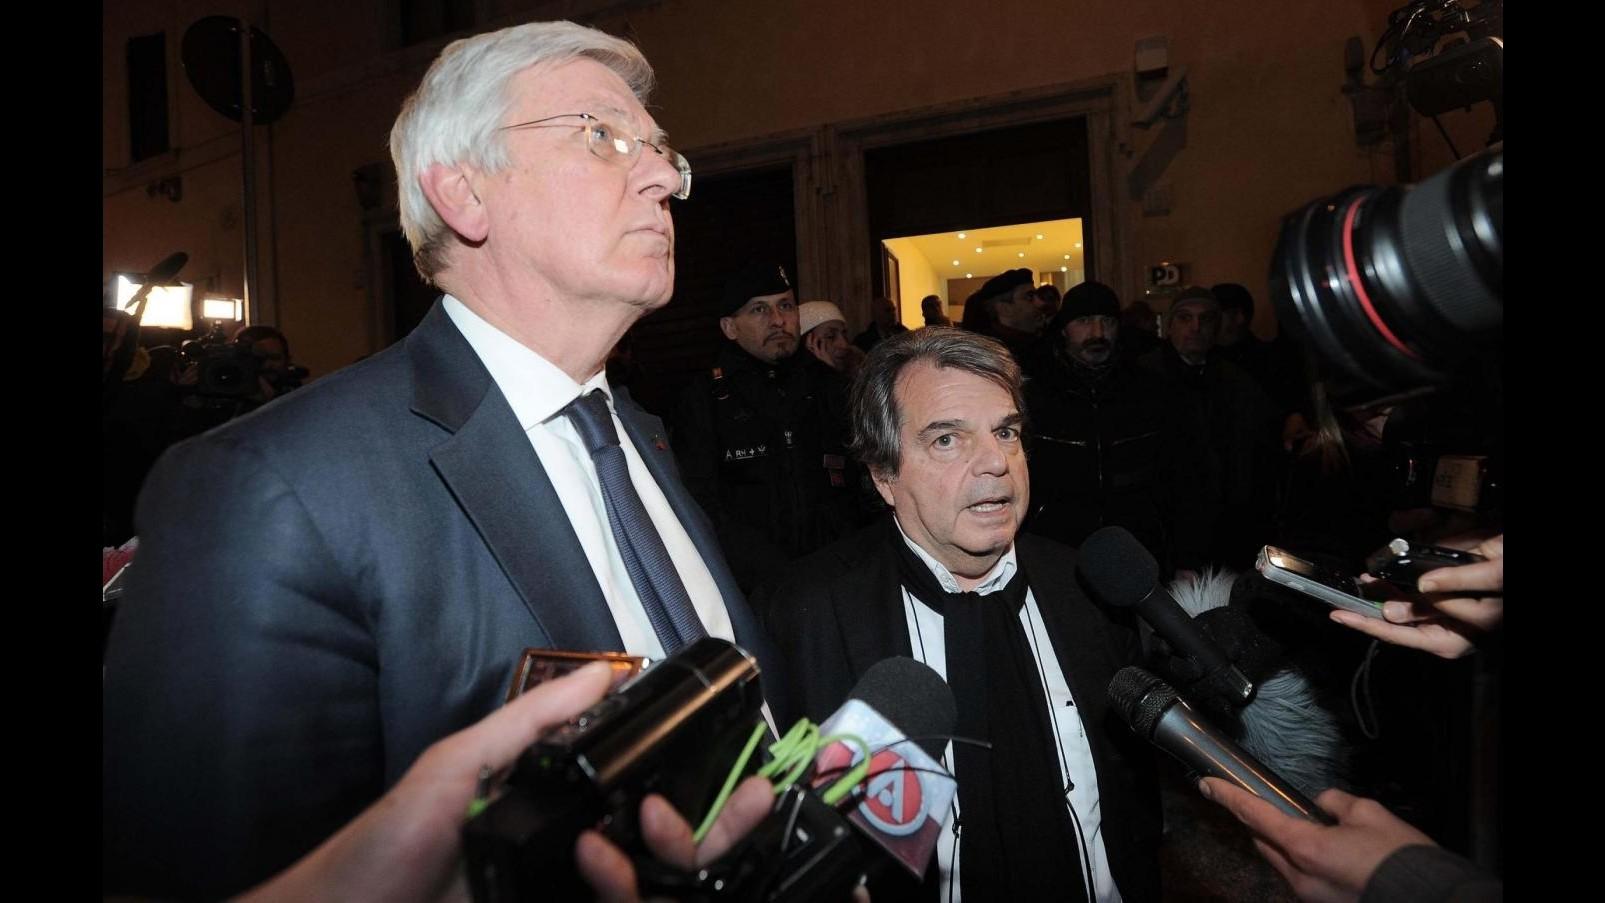 Quirinale, Forza Italia verso non partecipazione quarto scrutinio